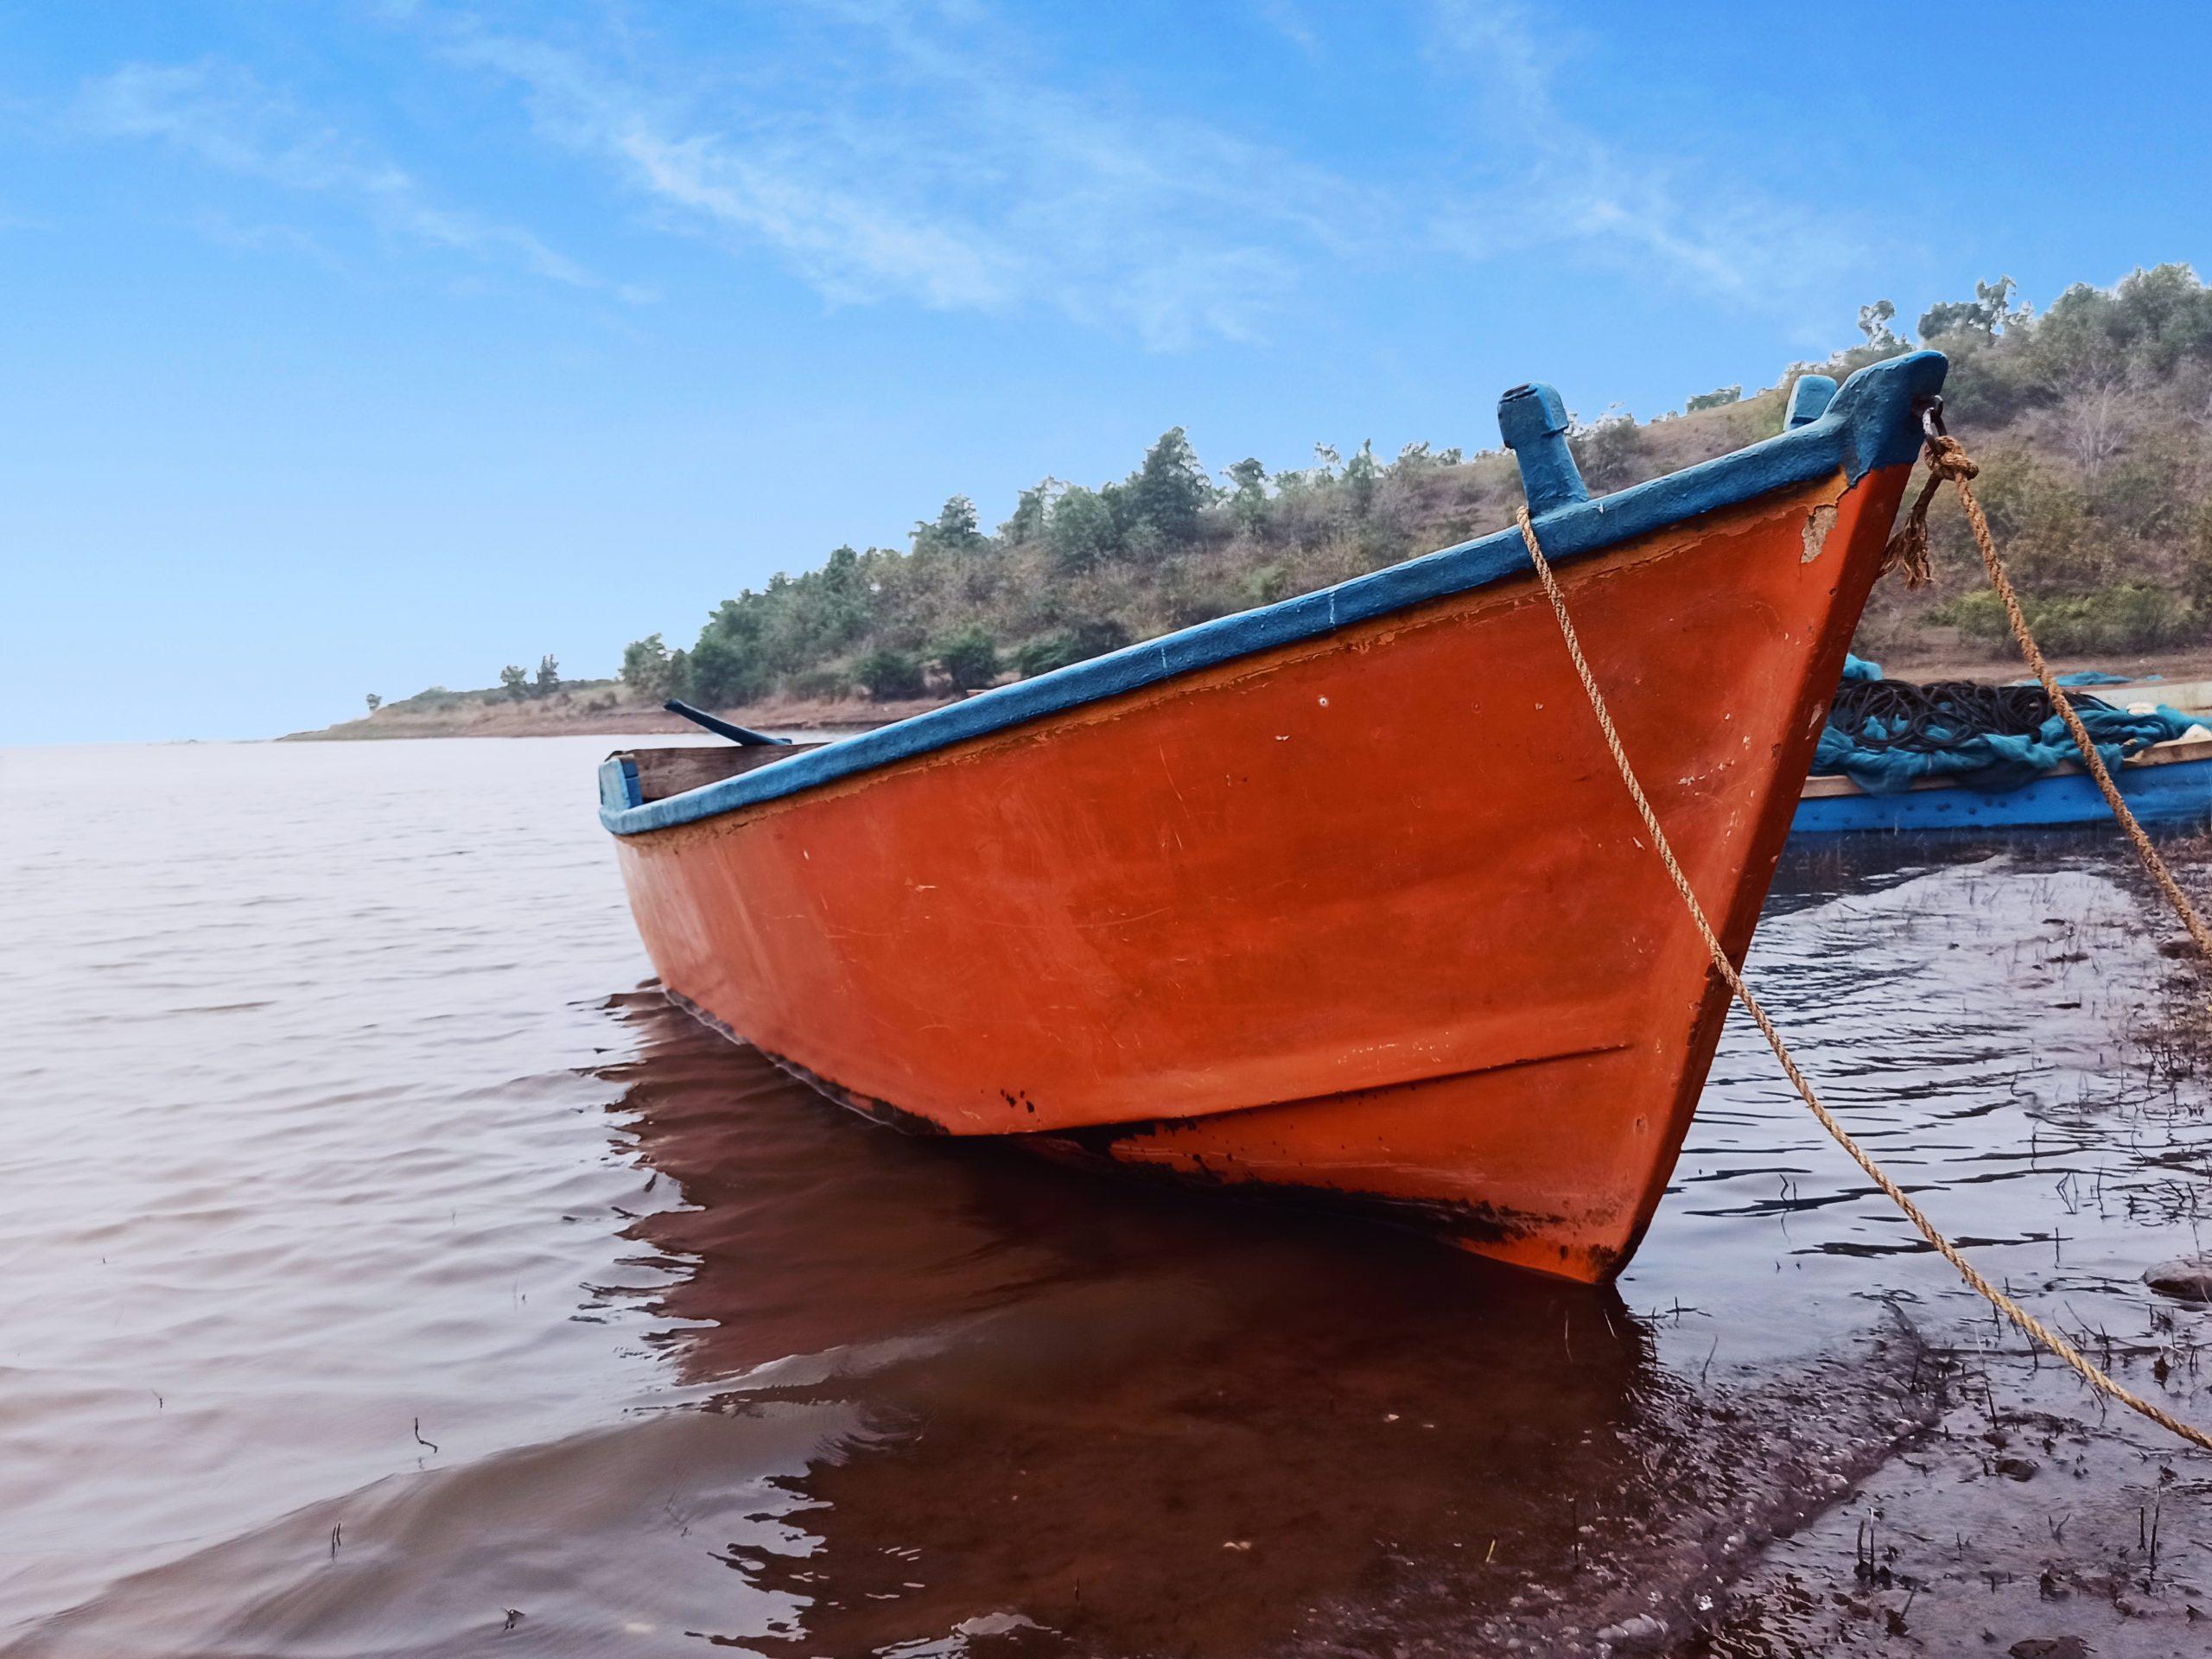 Orange boat in water